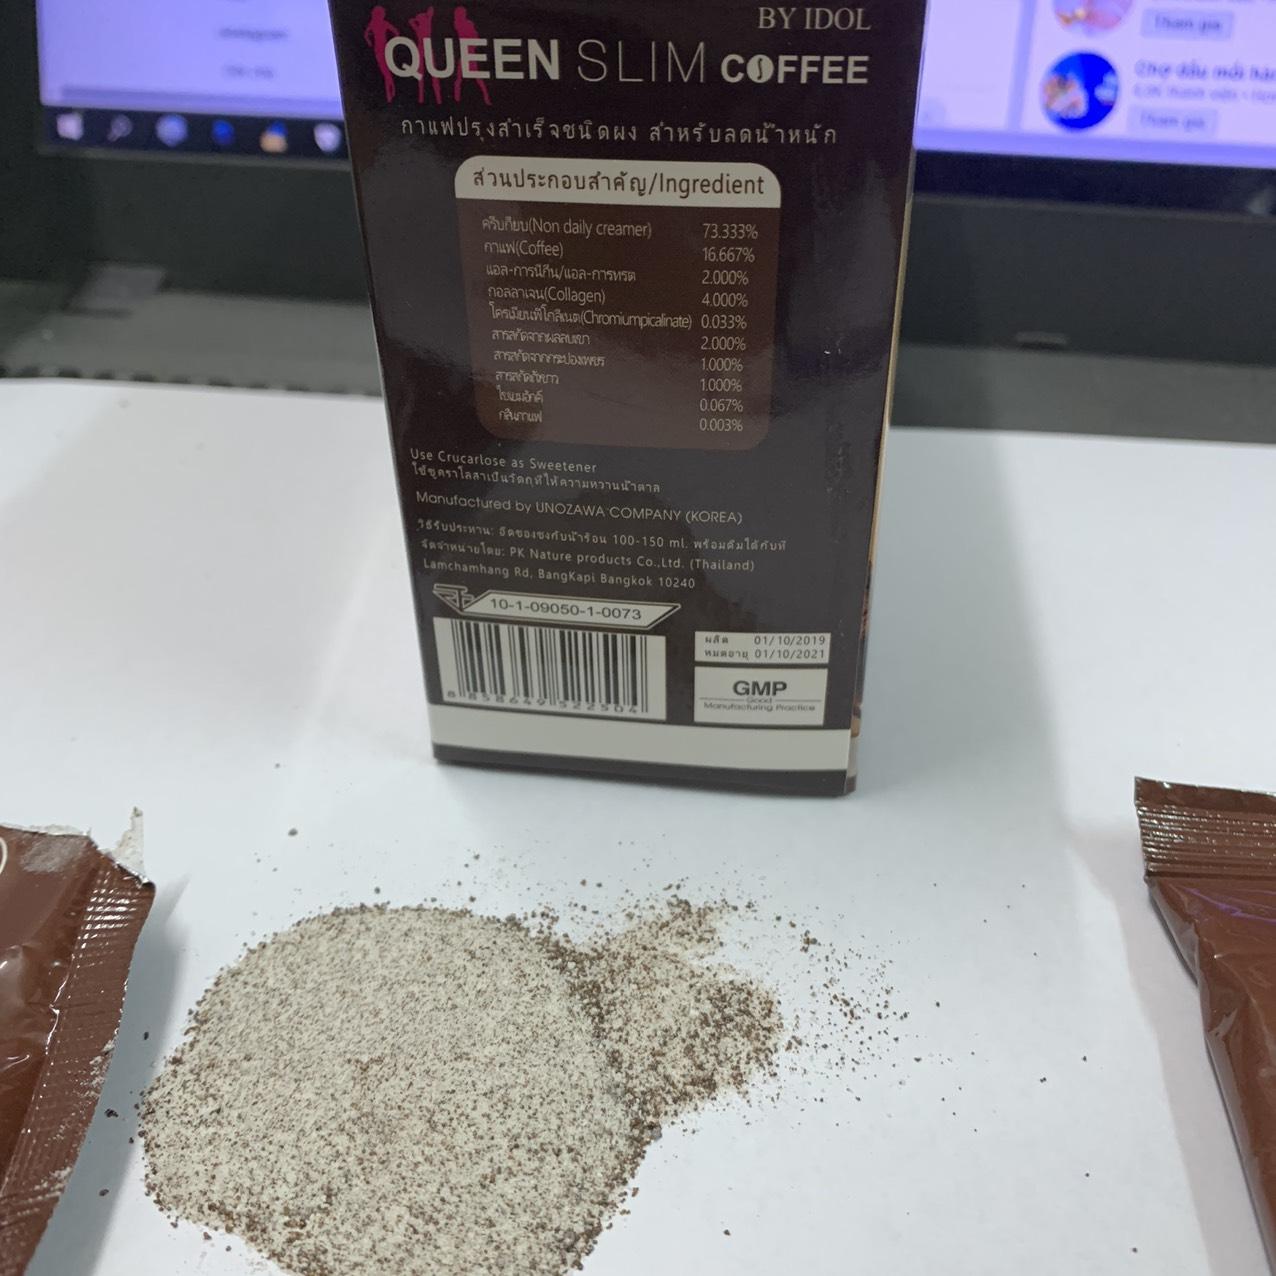 body-ca-phe-giam-sieu-can-queen-slim-coffee-thai-lan-2622